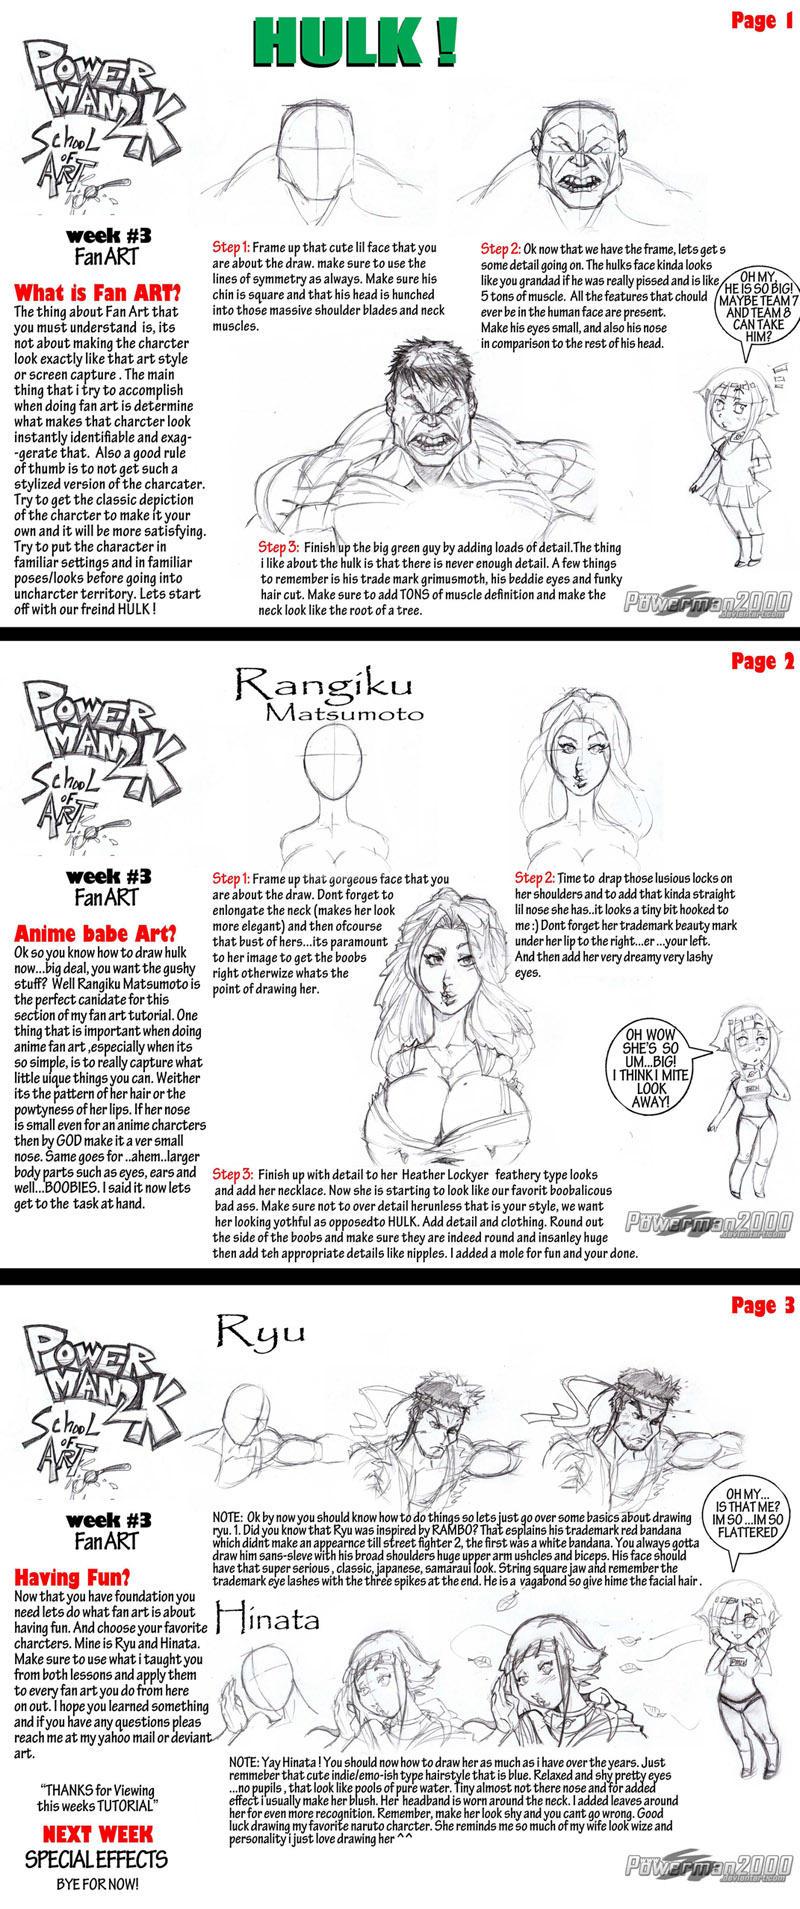 Tutorial: How to draw fanart by powerman2000